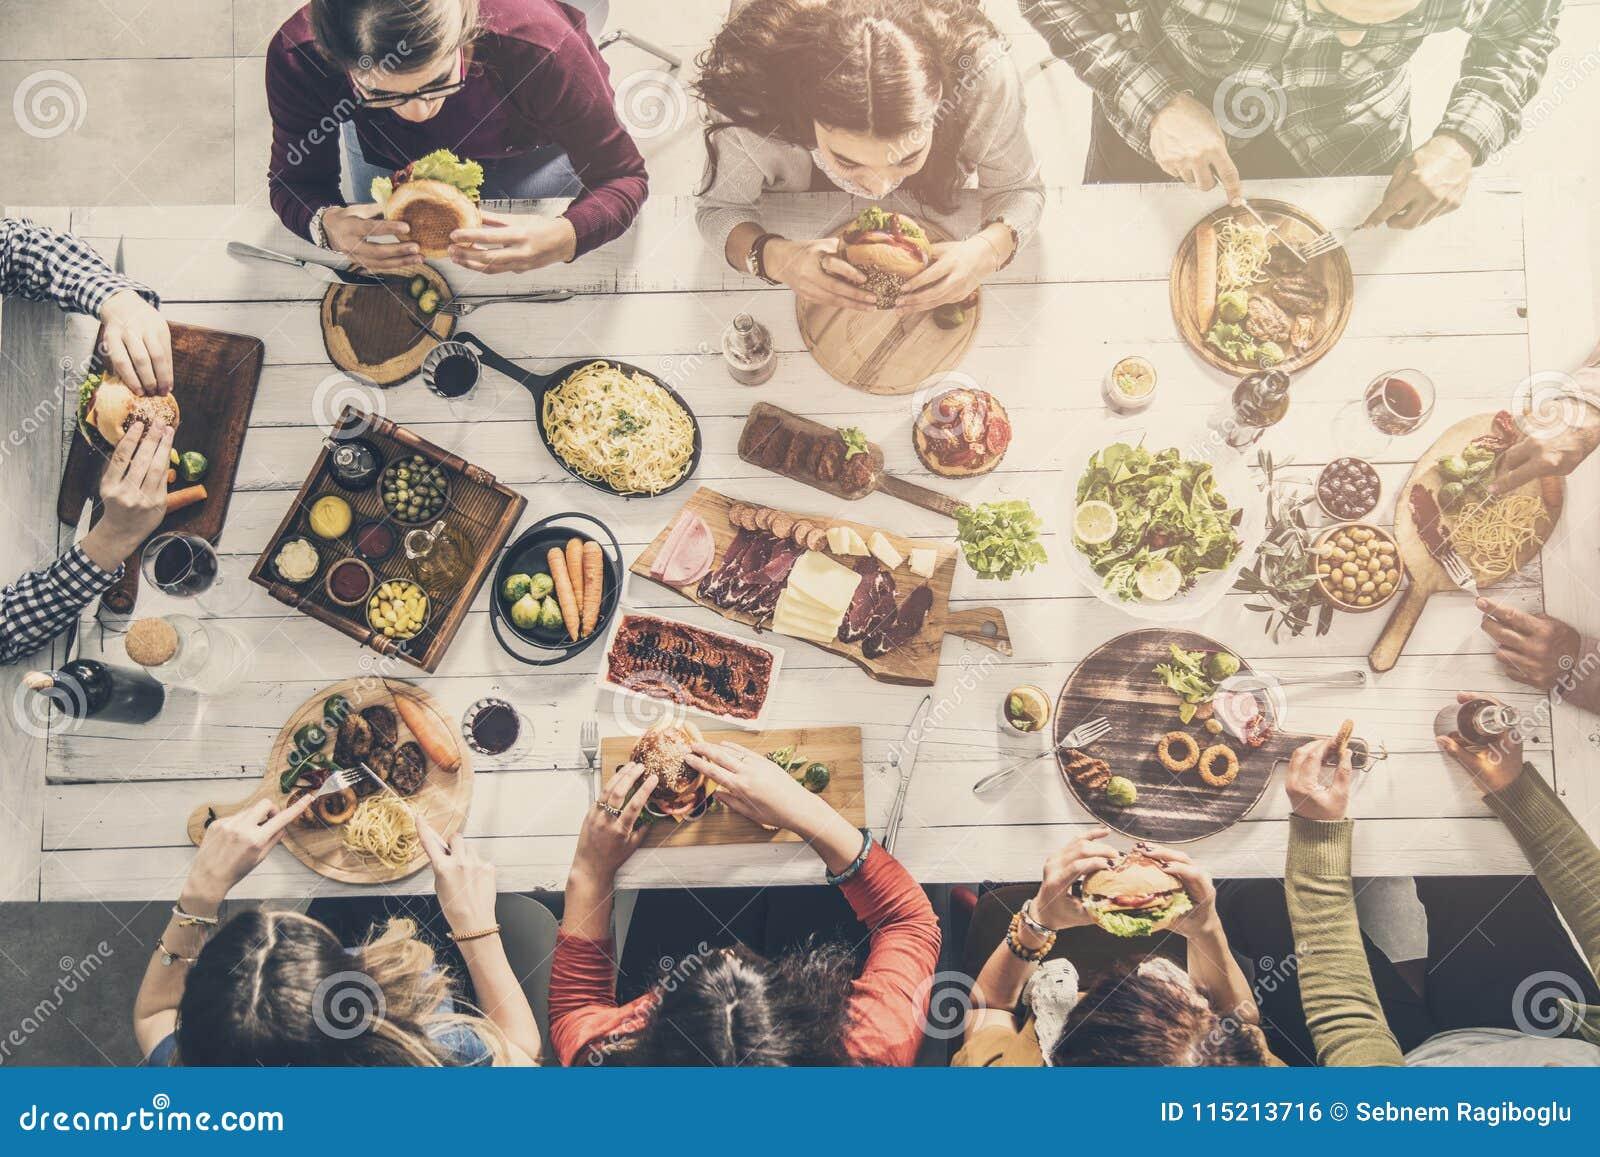 Grupo de personas que tiene comida junto